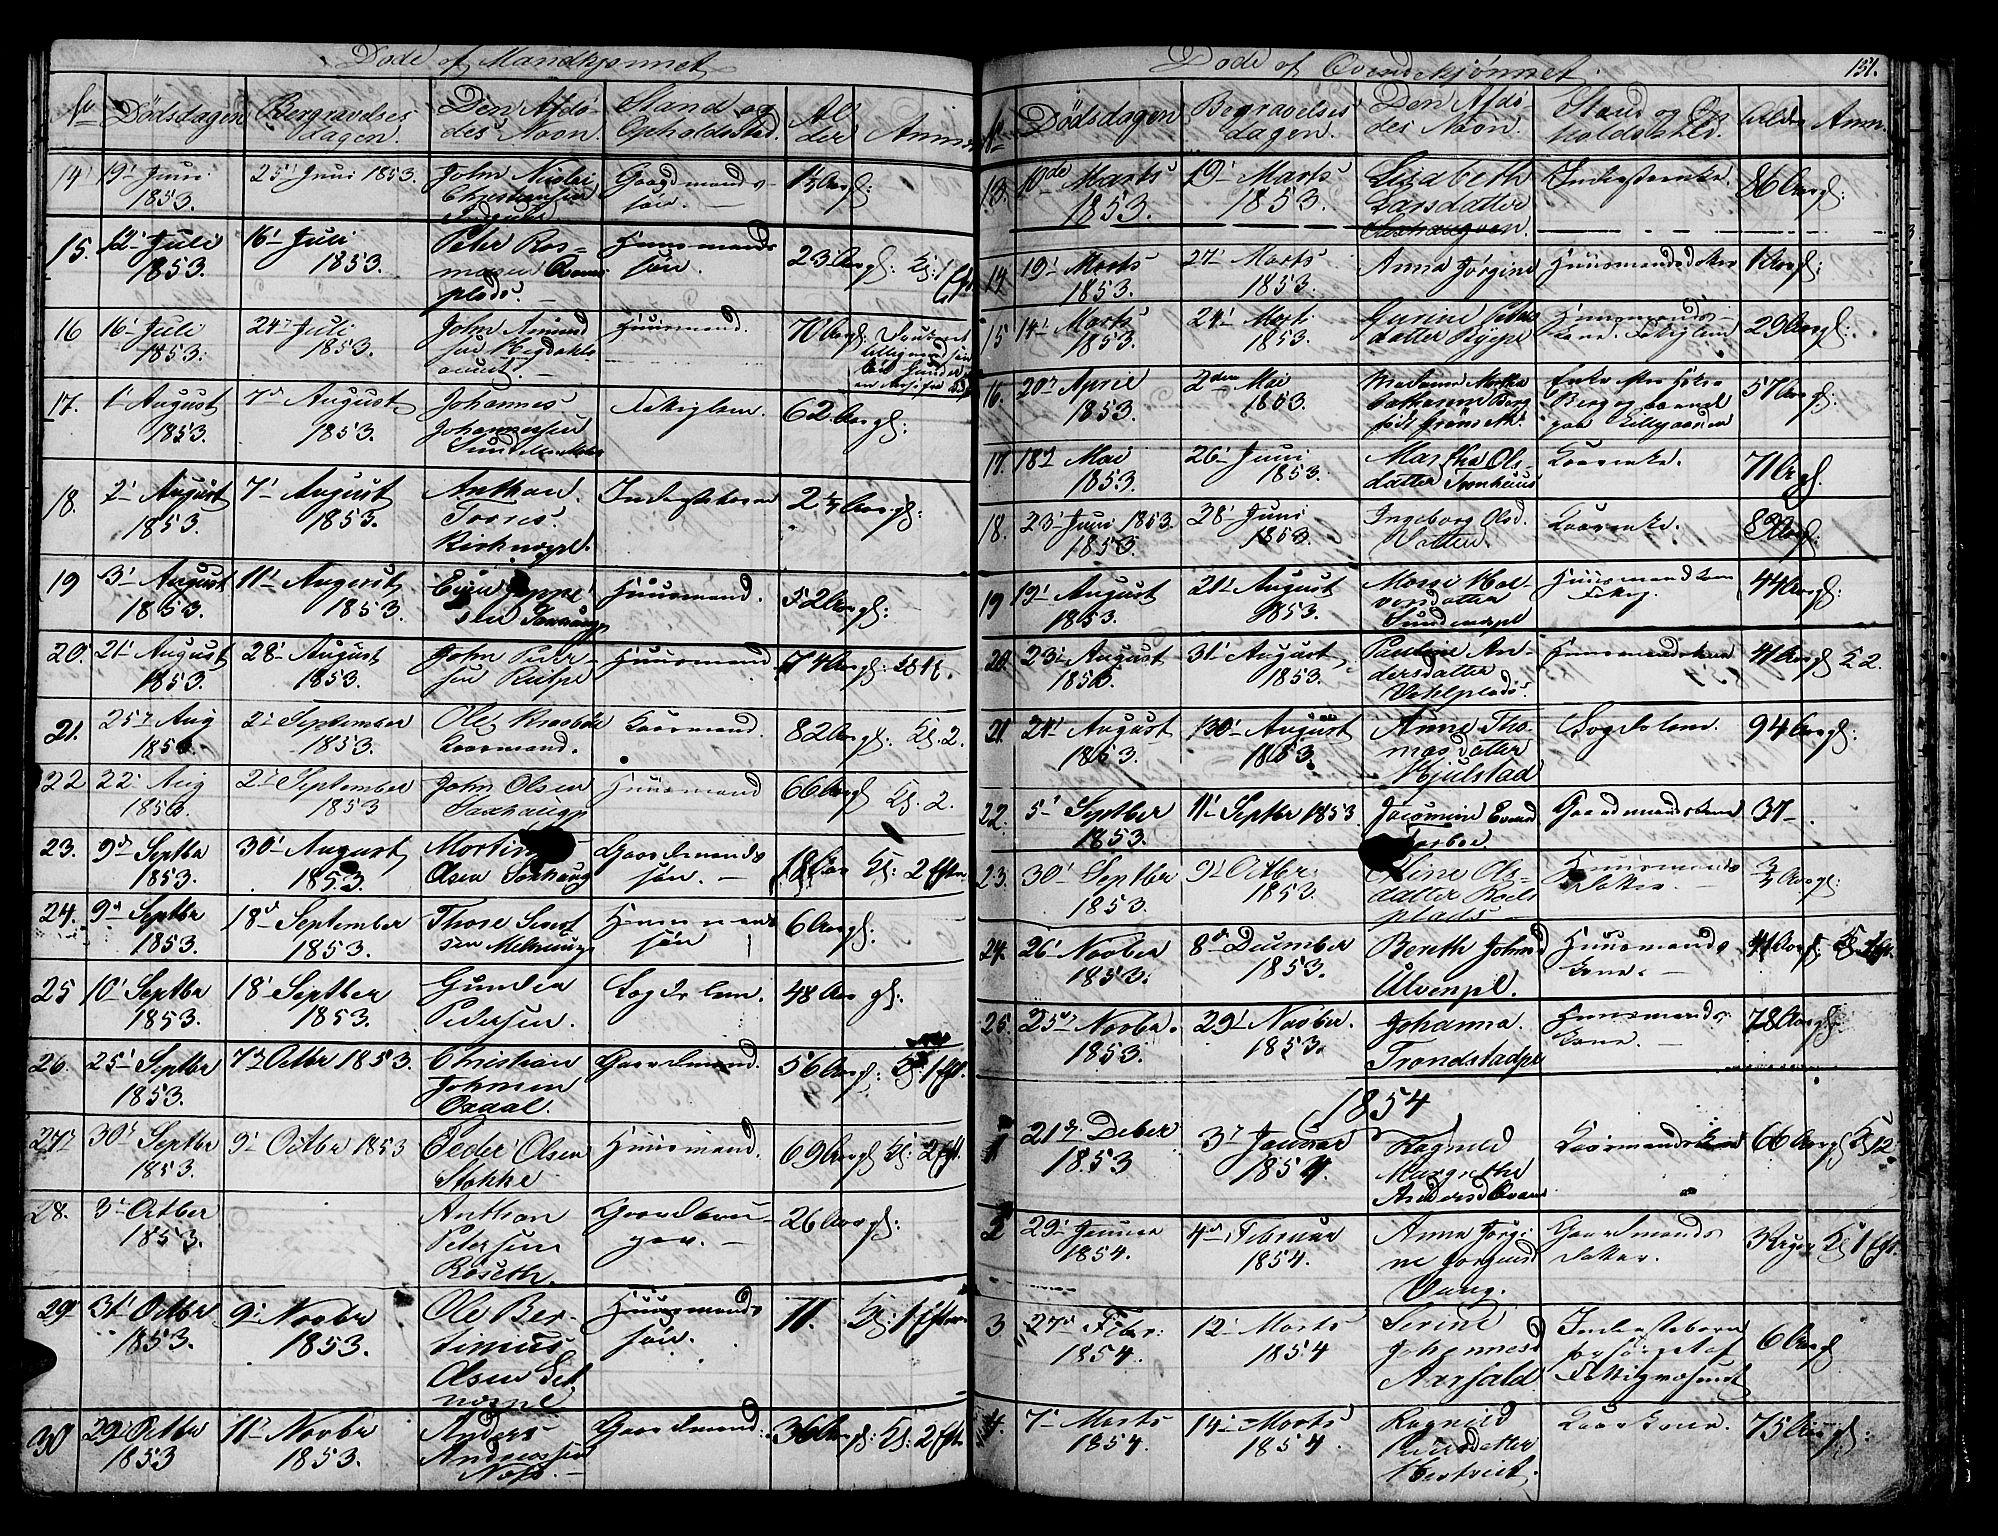 SAT, Ministerialprotokoller, klokkerbøker og fødselsregistre - Nord-Trøndelag, 730/L0299: Klokkerbok nr. 730C02, 1849-1871, s. 151